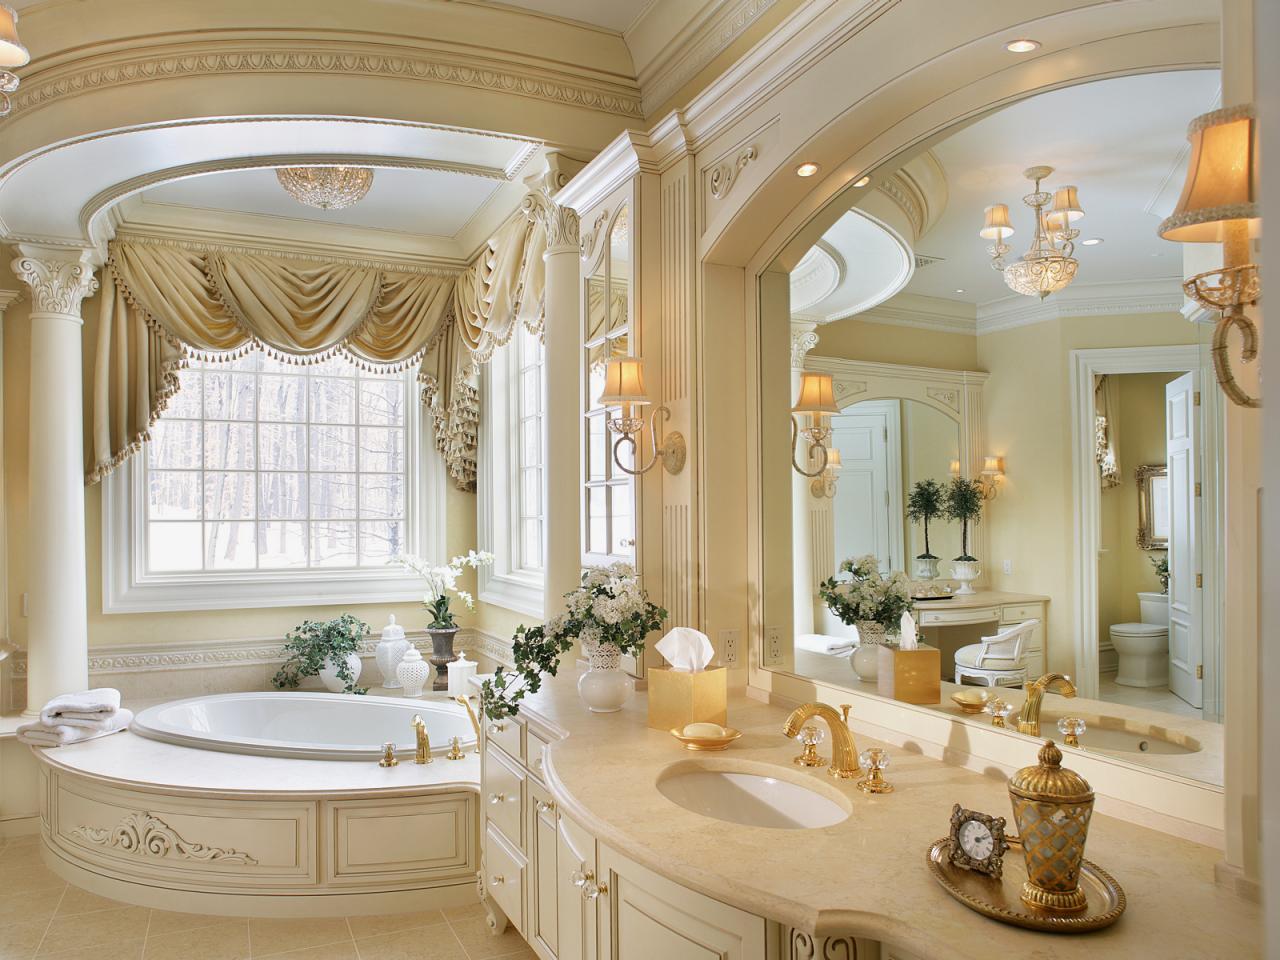 Romantiskt badrum i guld